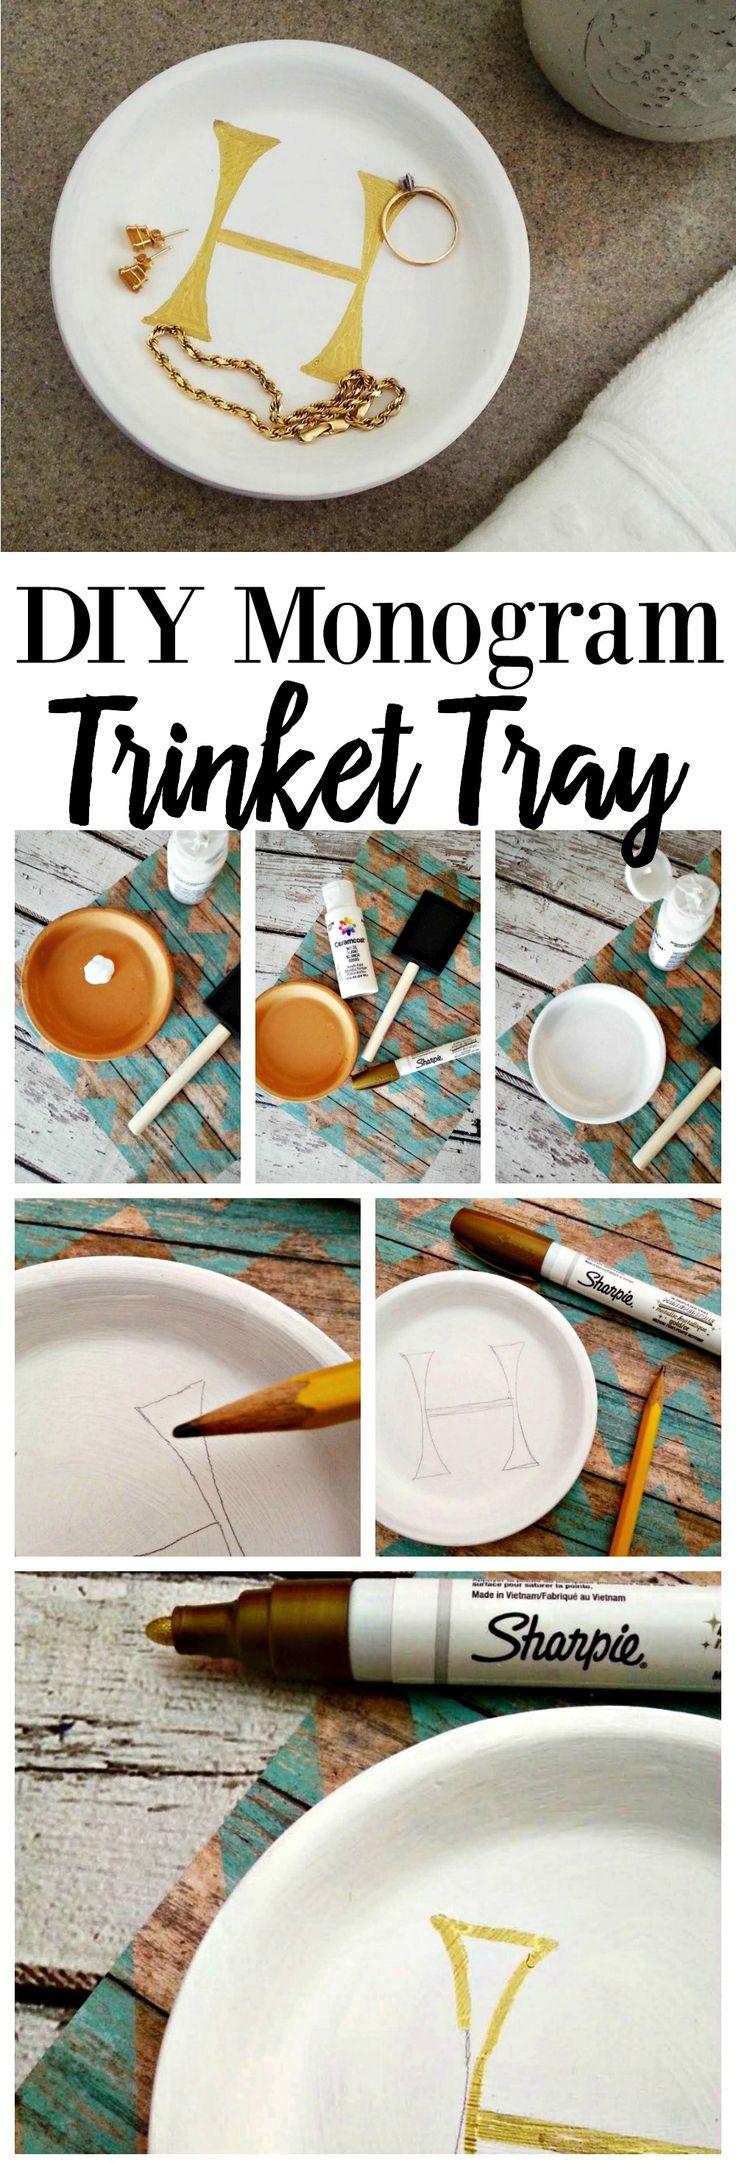 DIY Monogram Trinket Tray